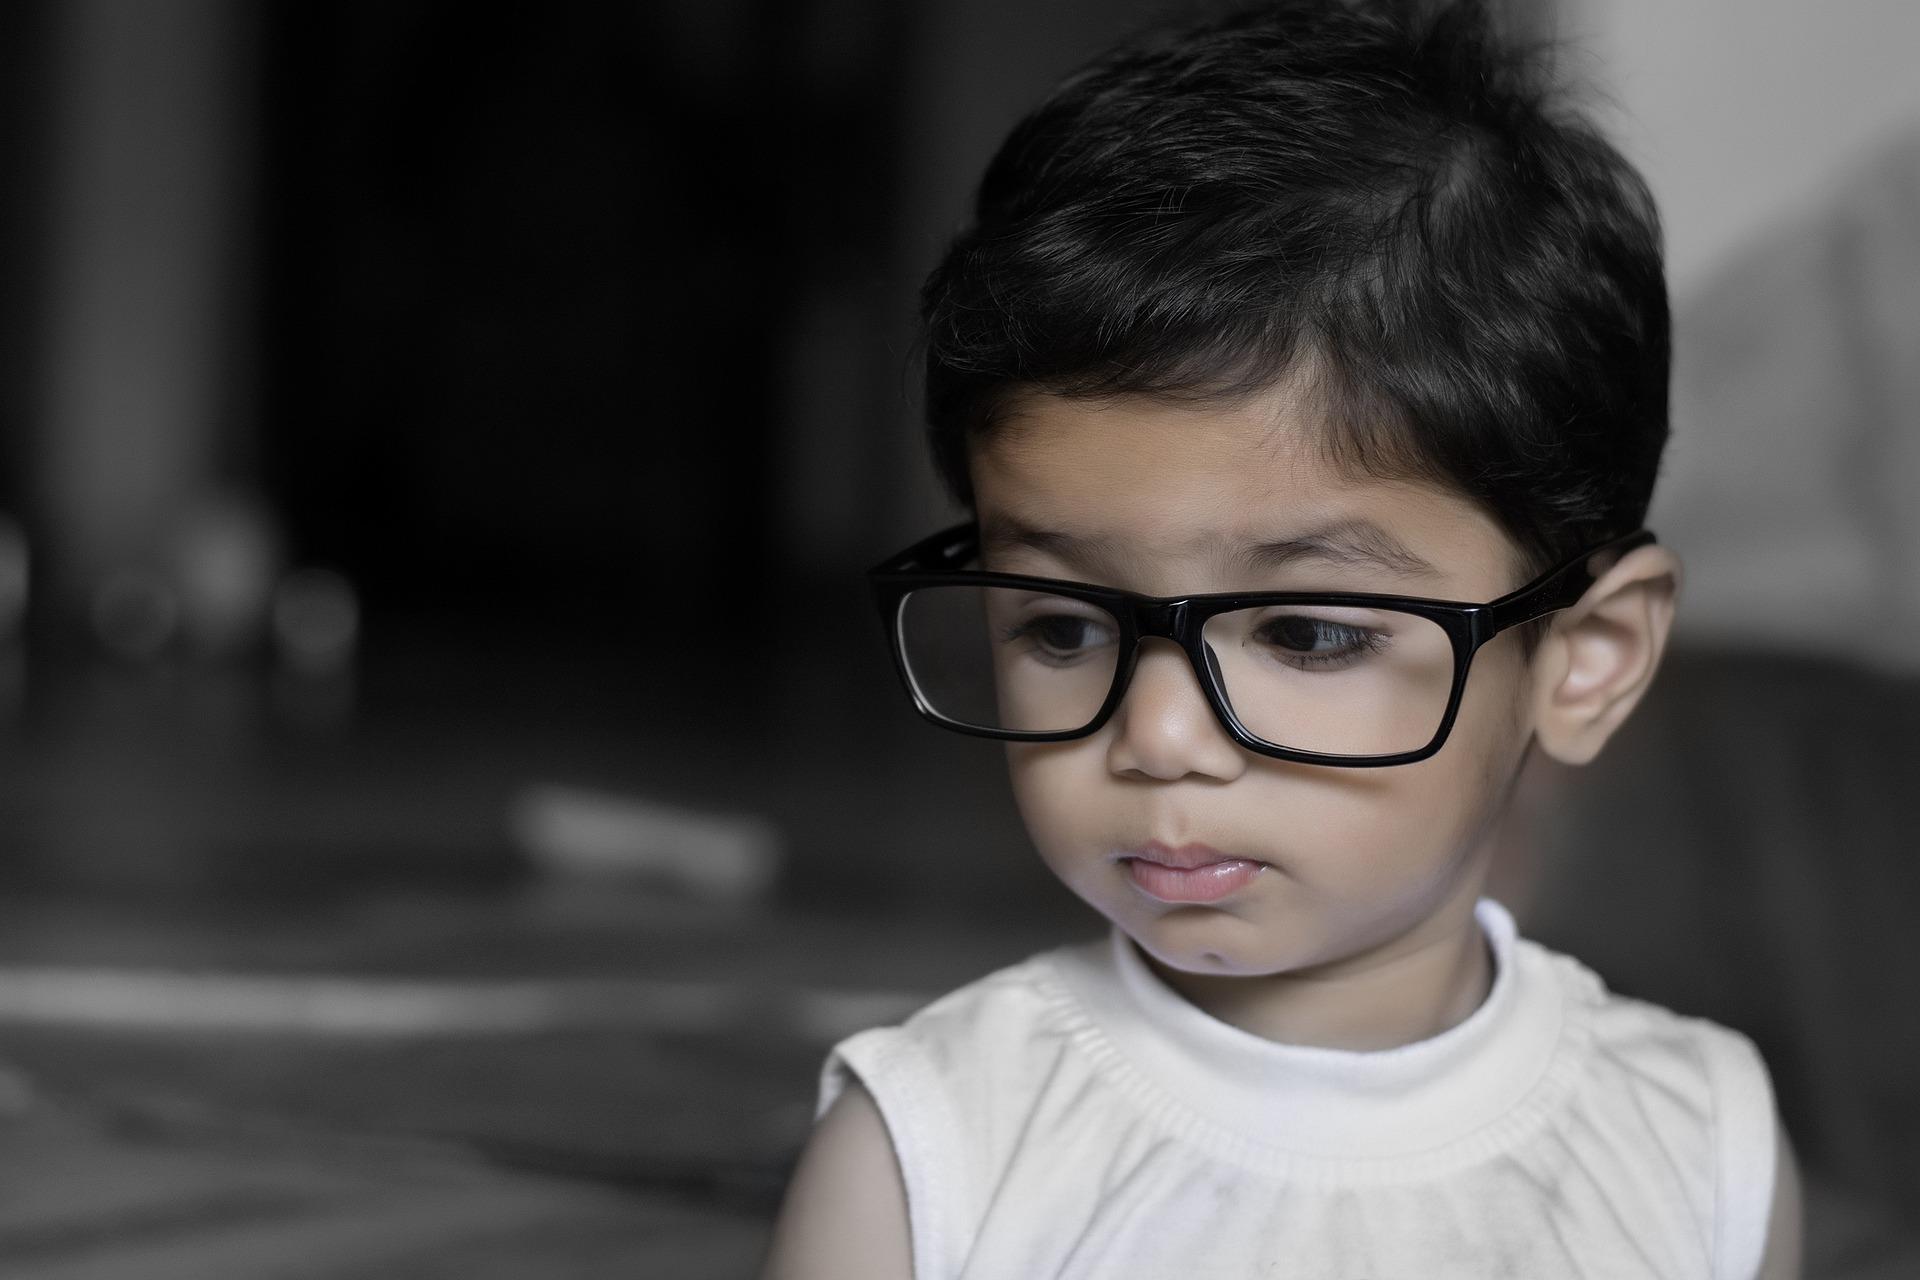 Warum immer mehr Kinder schlecht sehen?